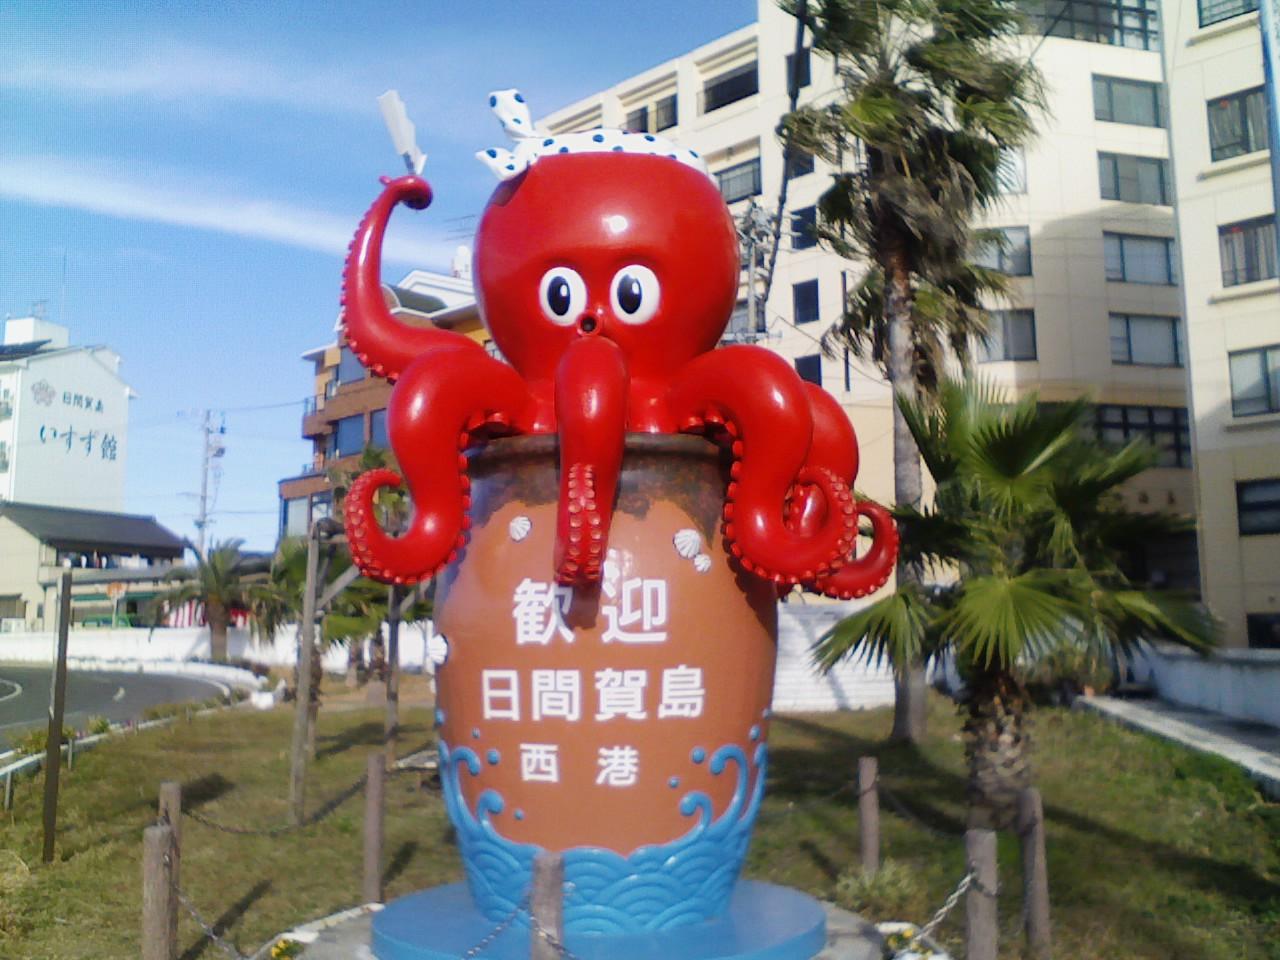 「日間賀島 西港 東港」の画像検索結果